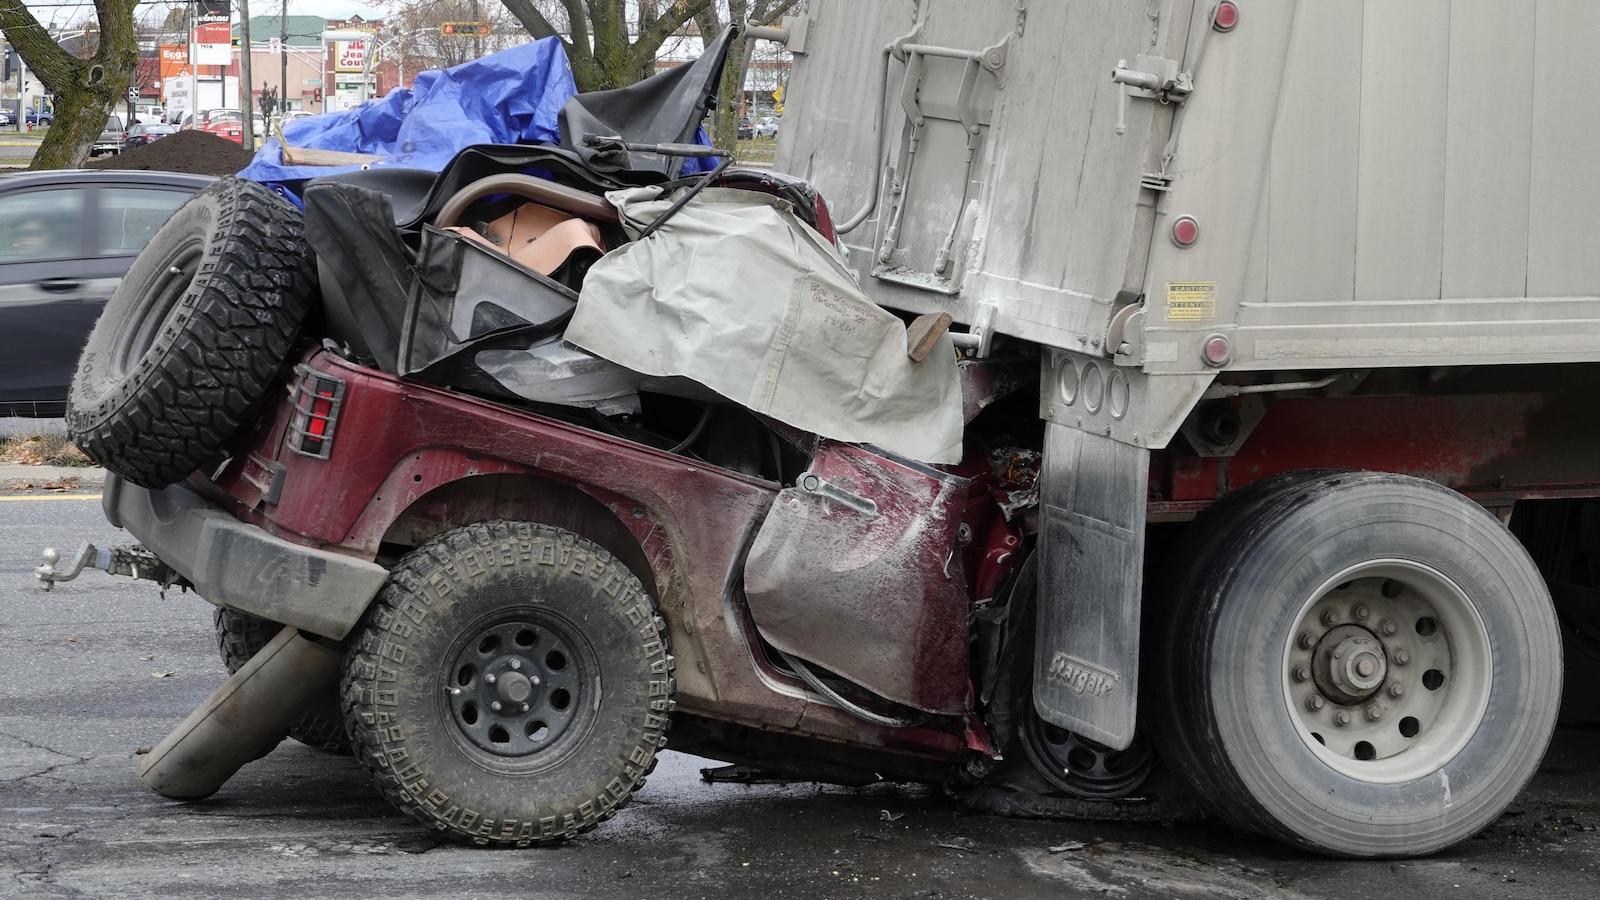 Un véhicule utilitaire sport a embouti un camion